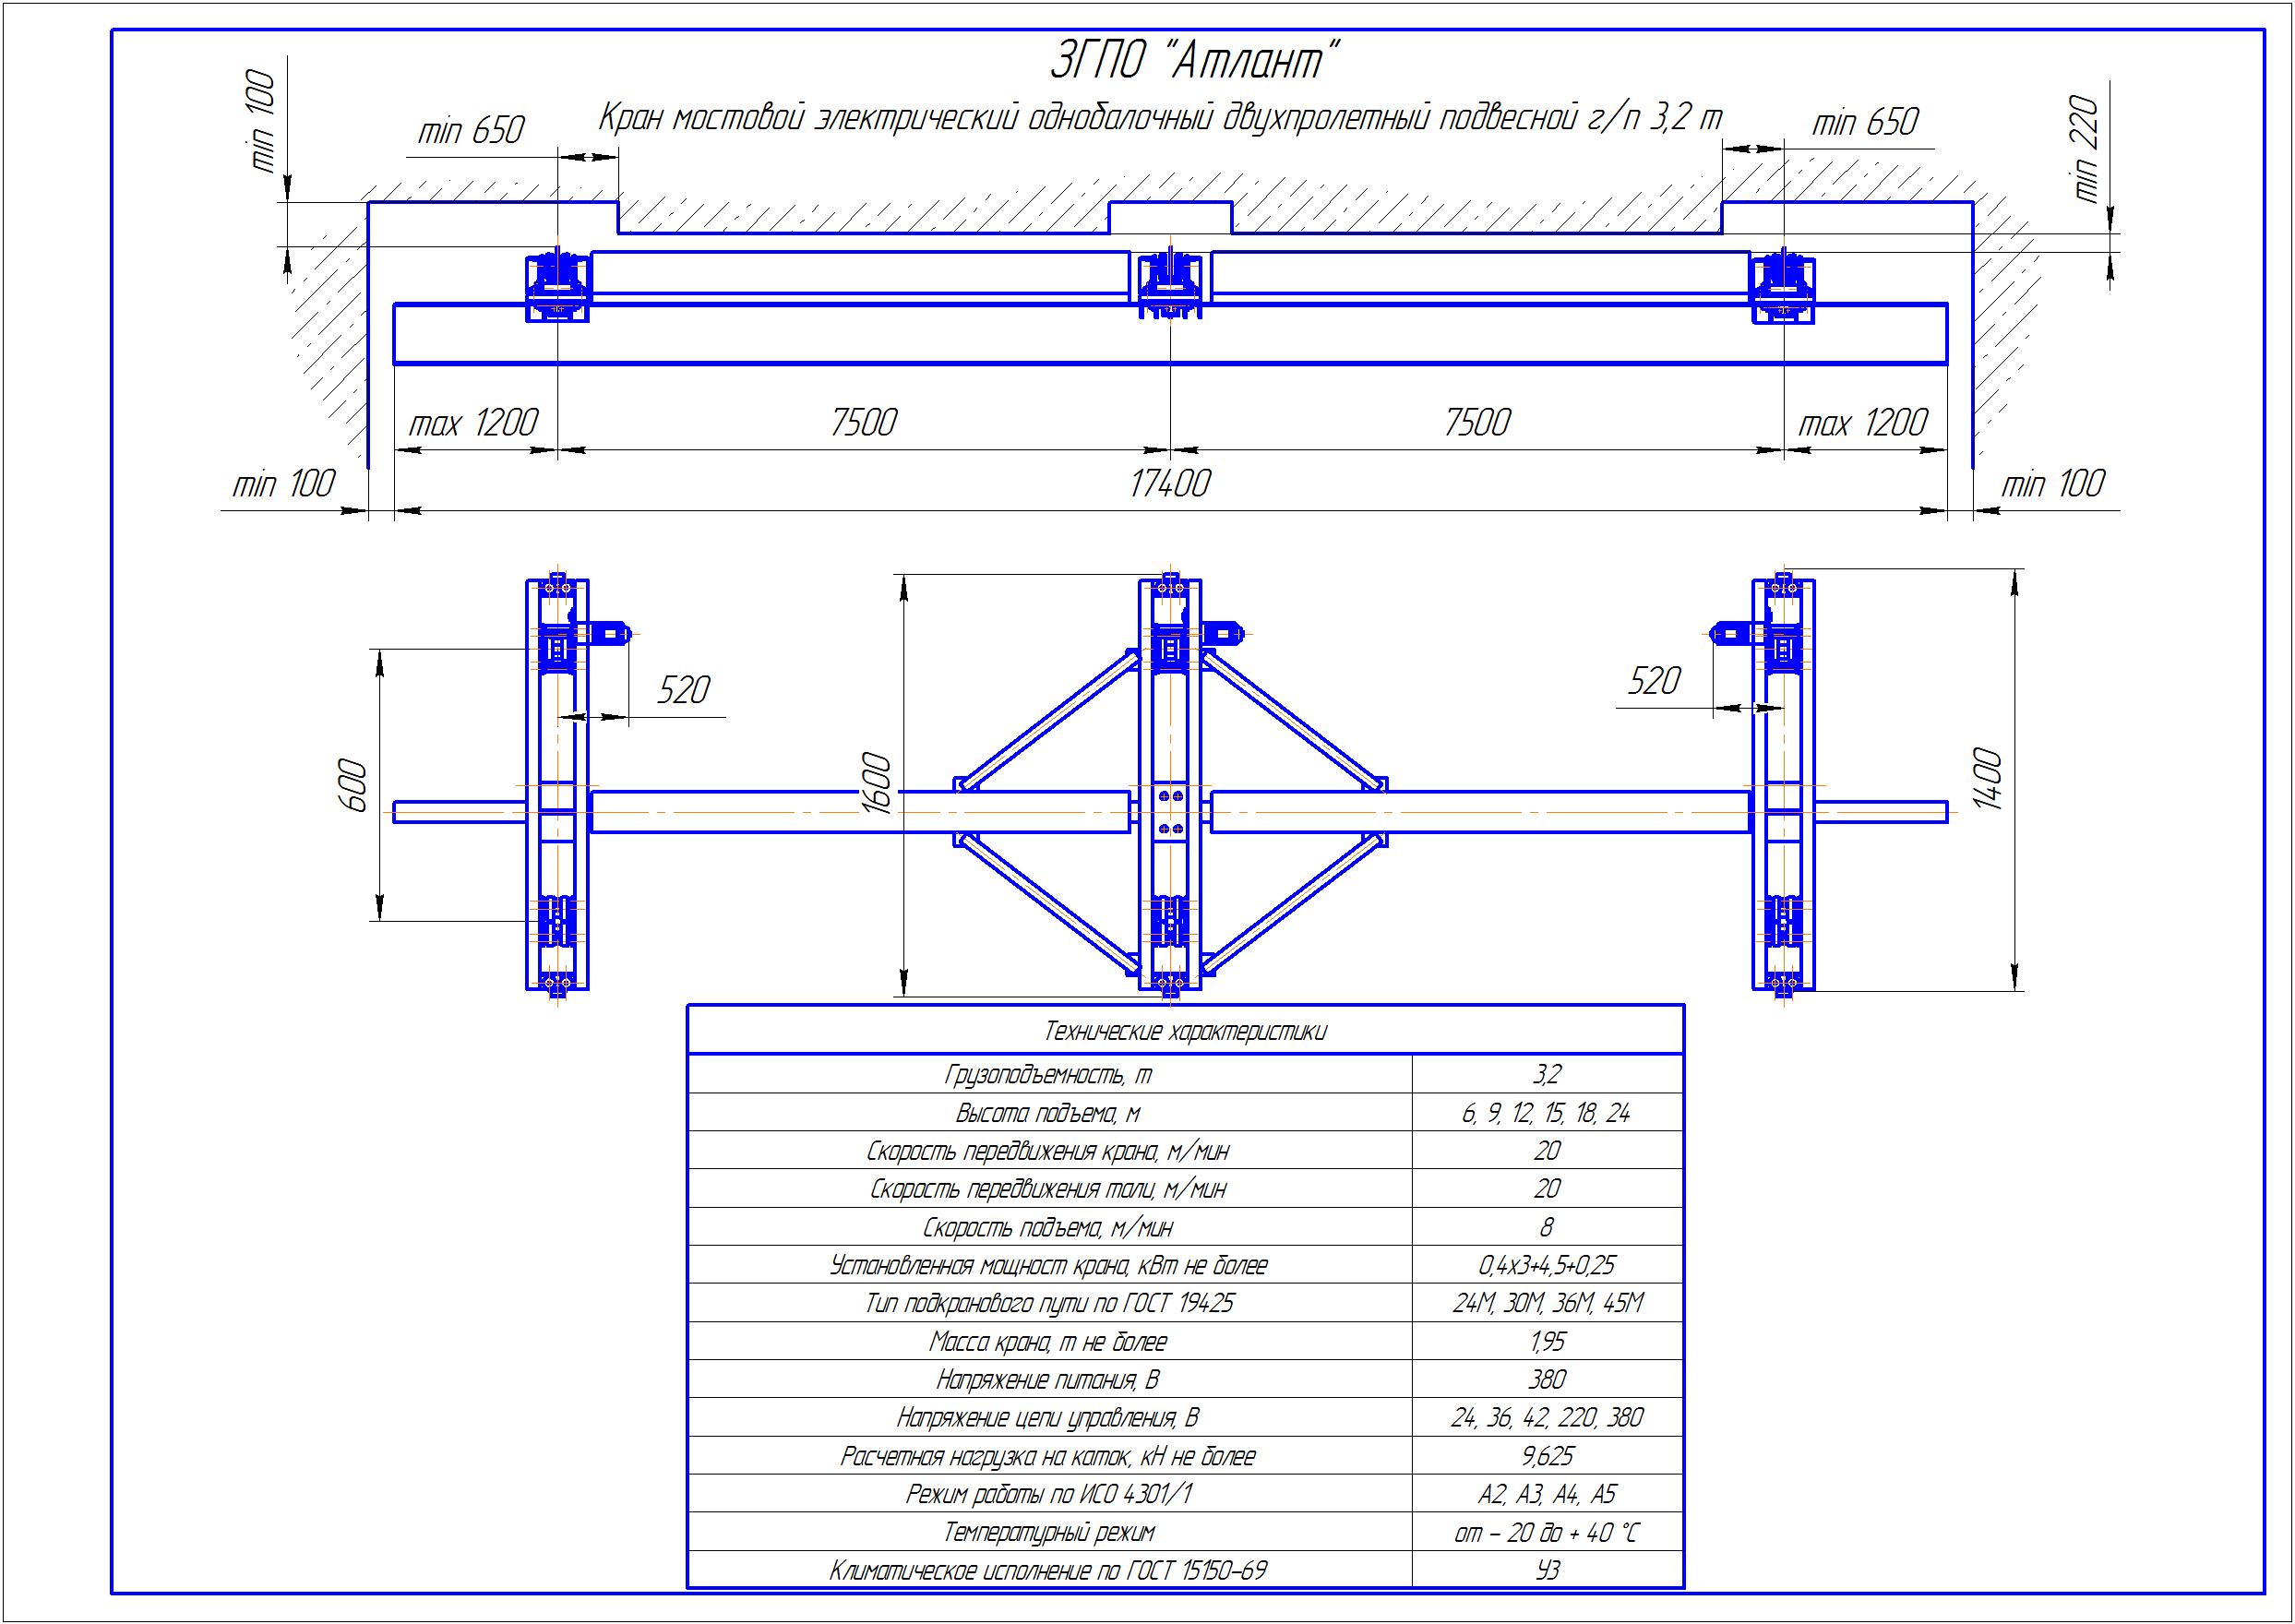 KBPD 3 1 - Подвесная кран балка двухпролетная